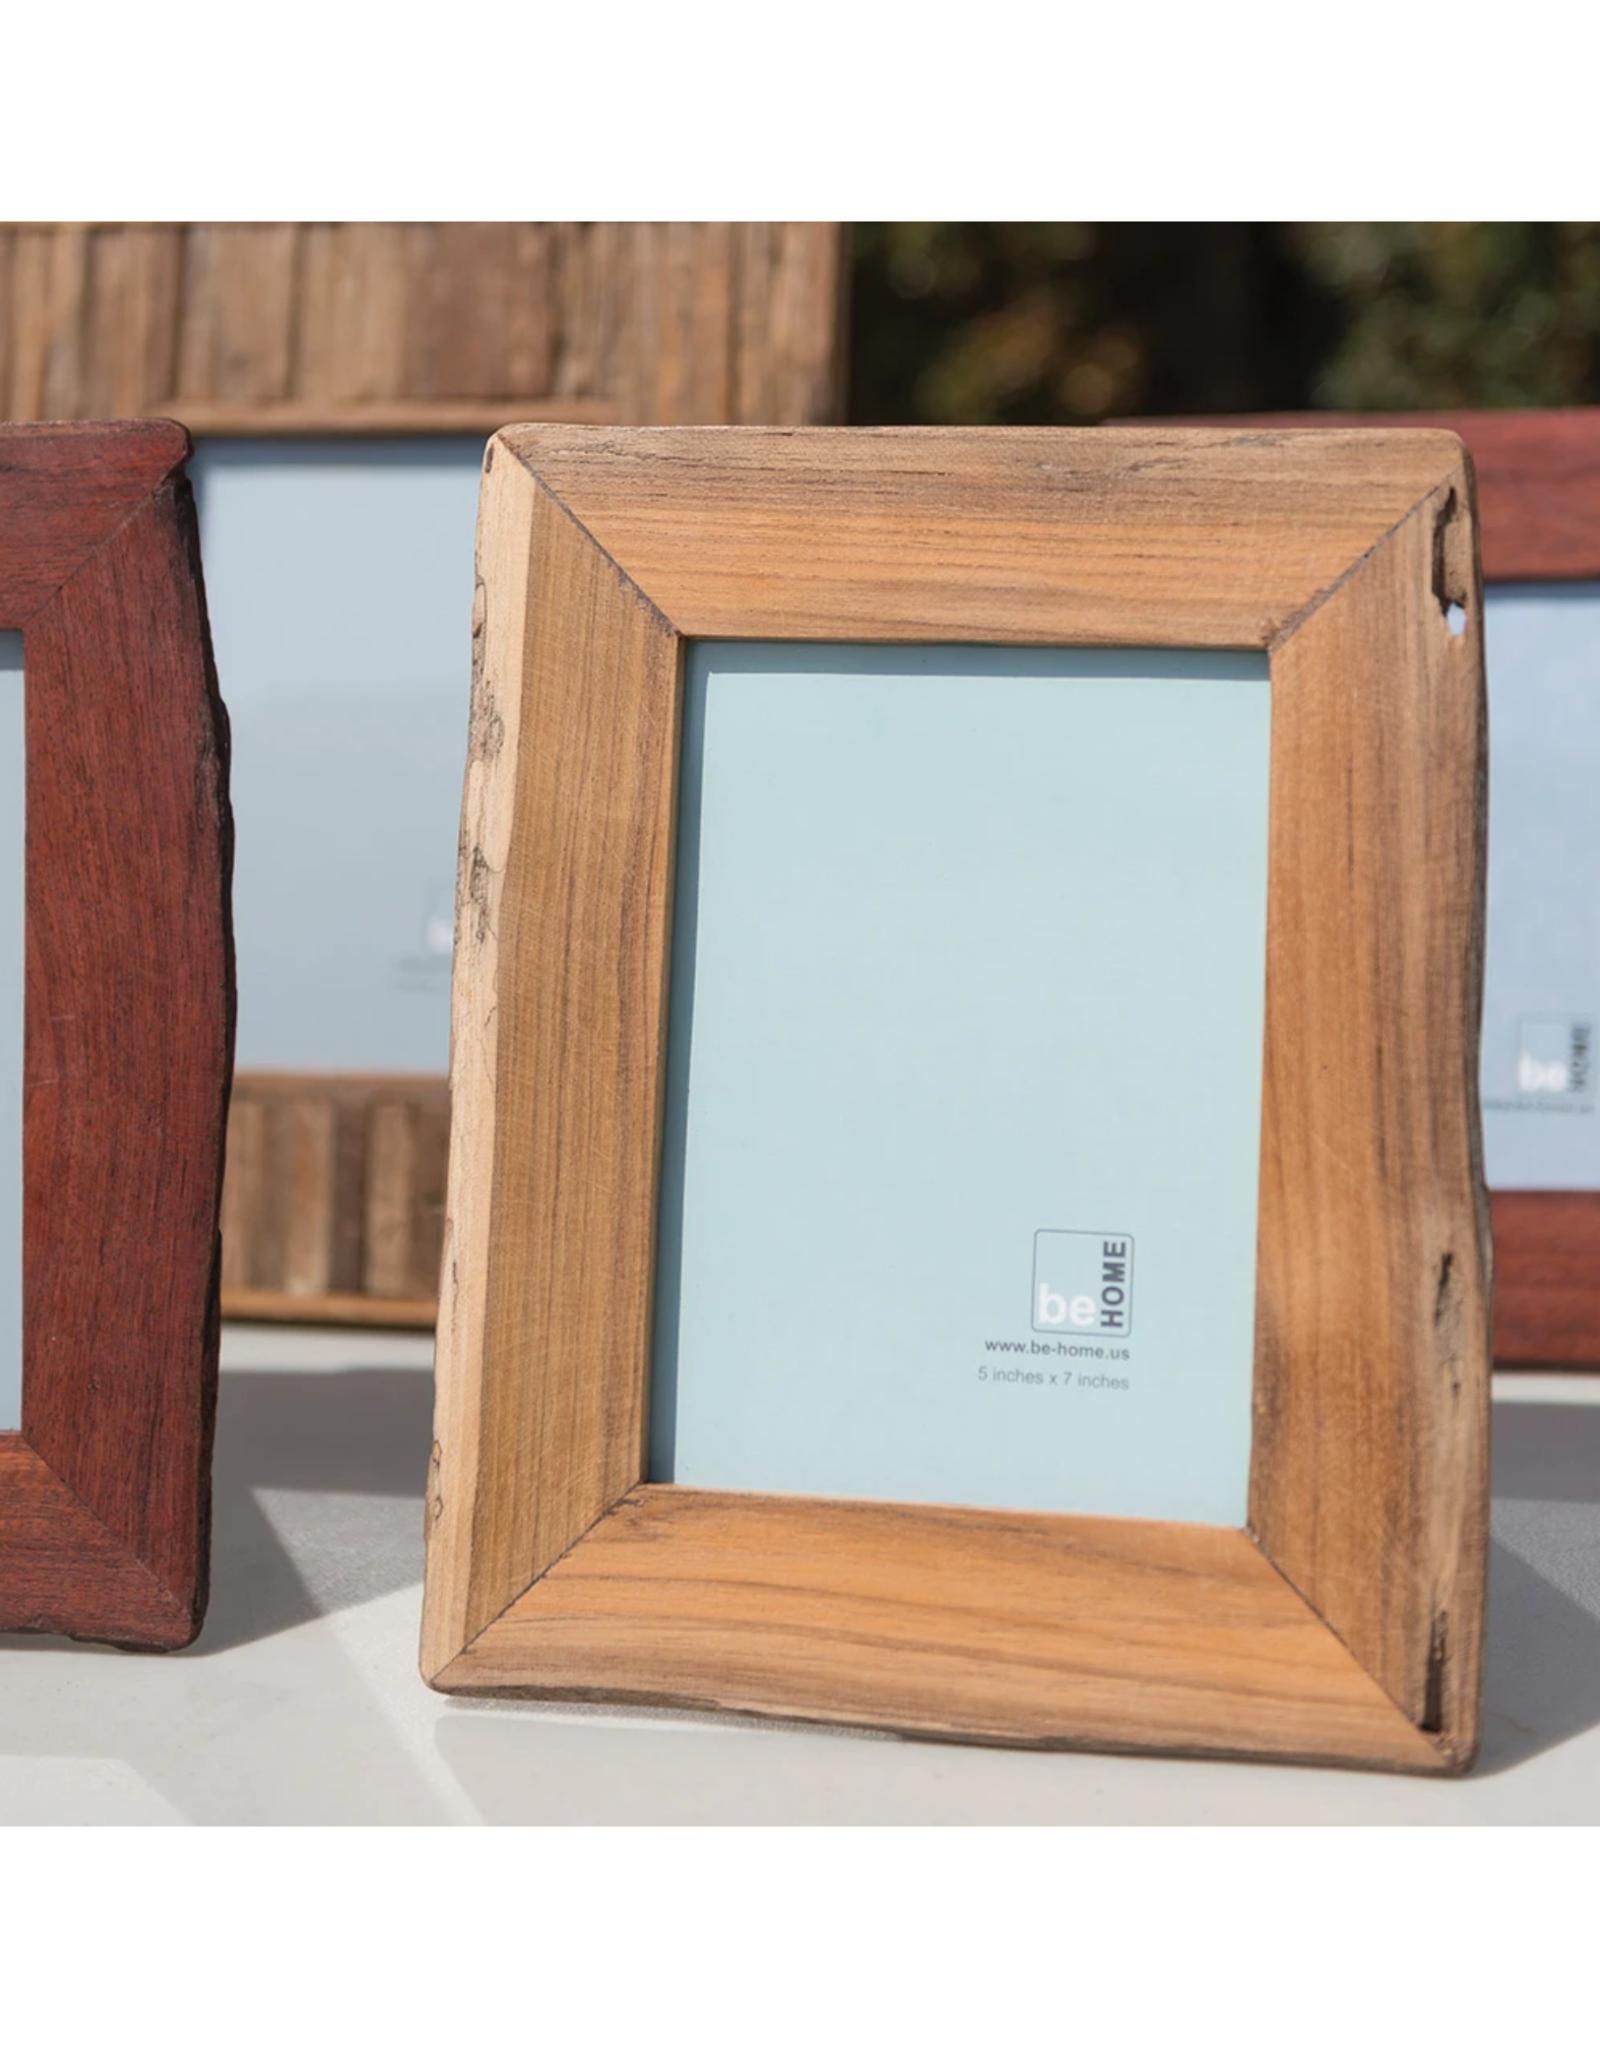 Reclaimed Wood Frame, Light 5x7